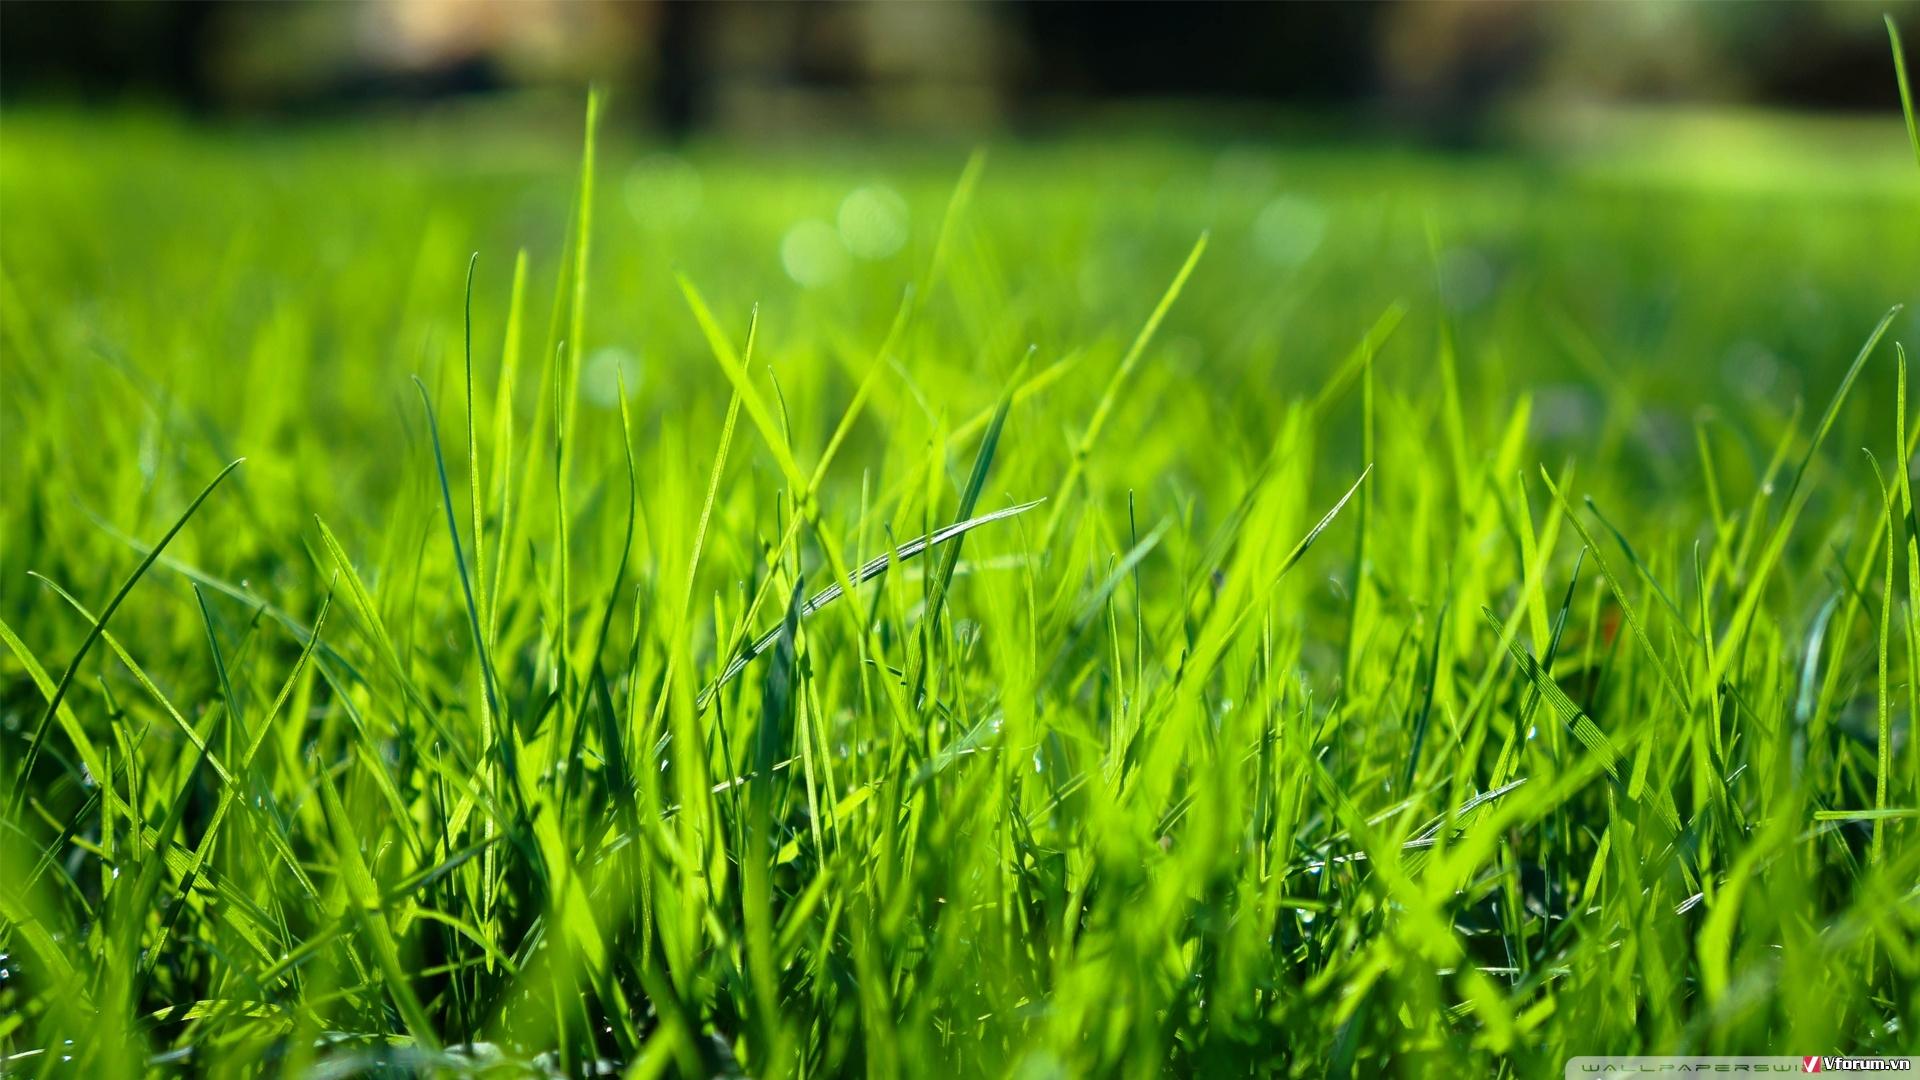 Phông ảnh Cánh đồng cỏ màu xanh lá cây